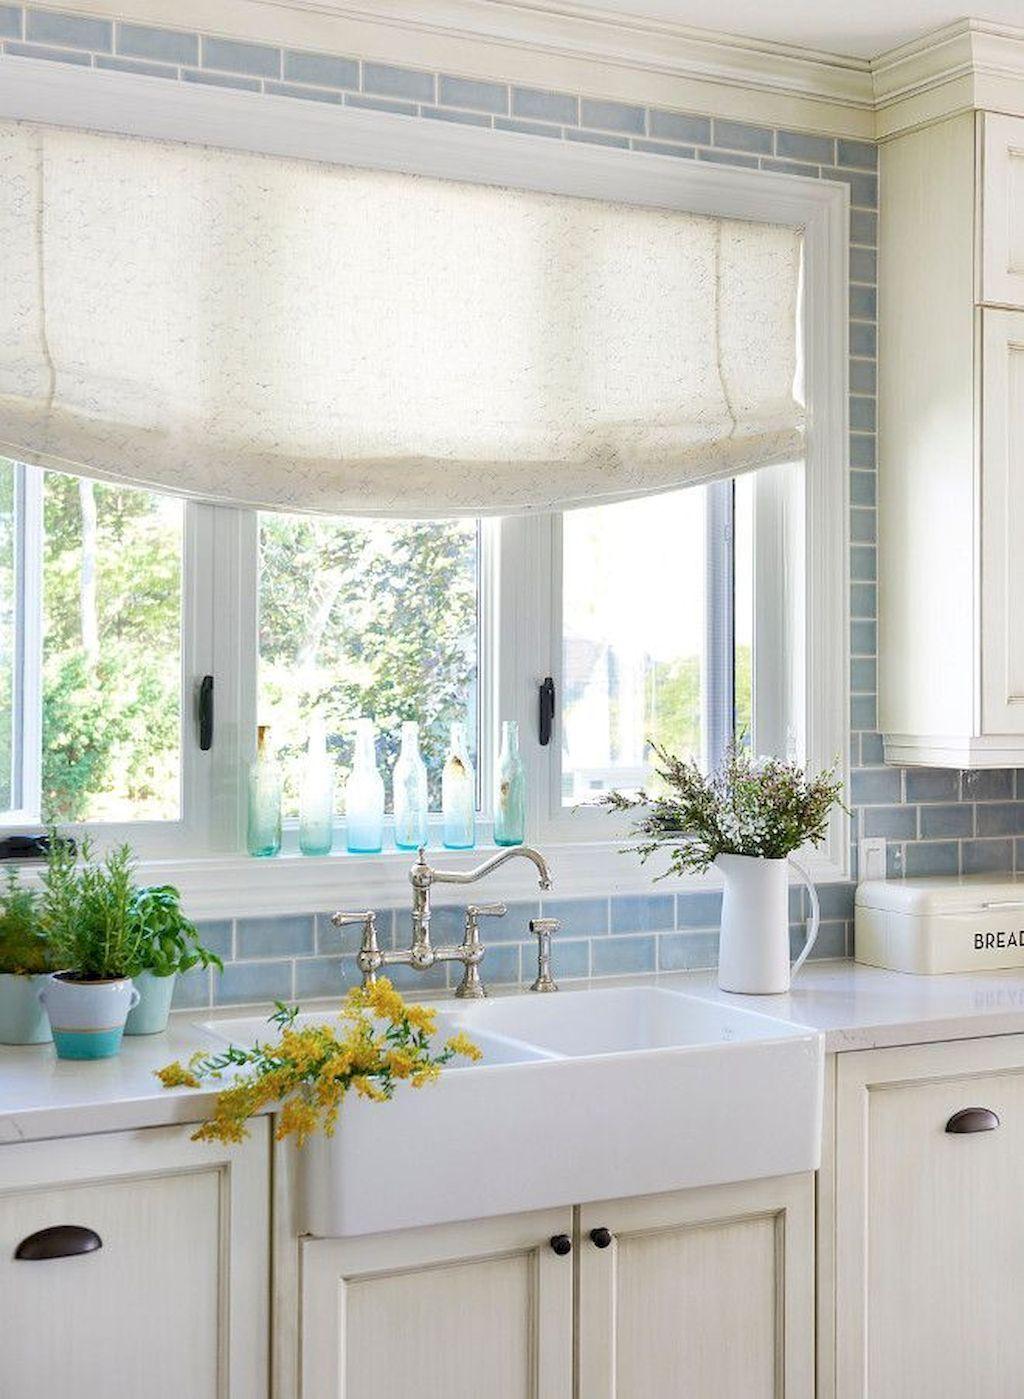 Backsplash Kitchen Ideas 19 Javgohome Home Inspiration Coastal Kitchen Design Blue Backsplash Kitchen Home Decor Kitchen